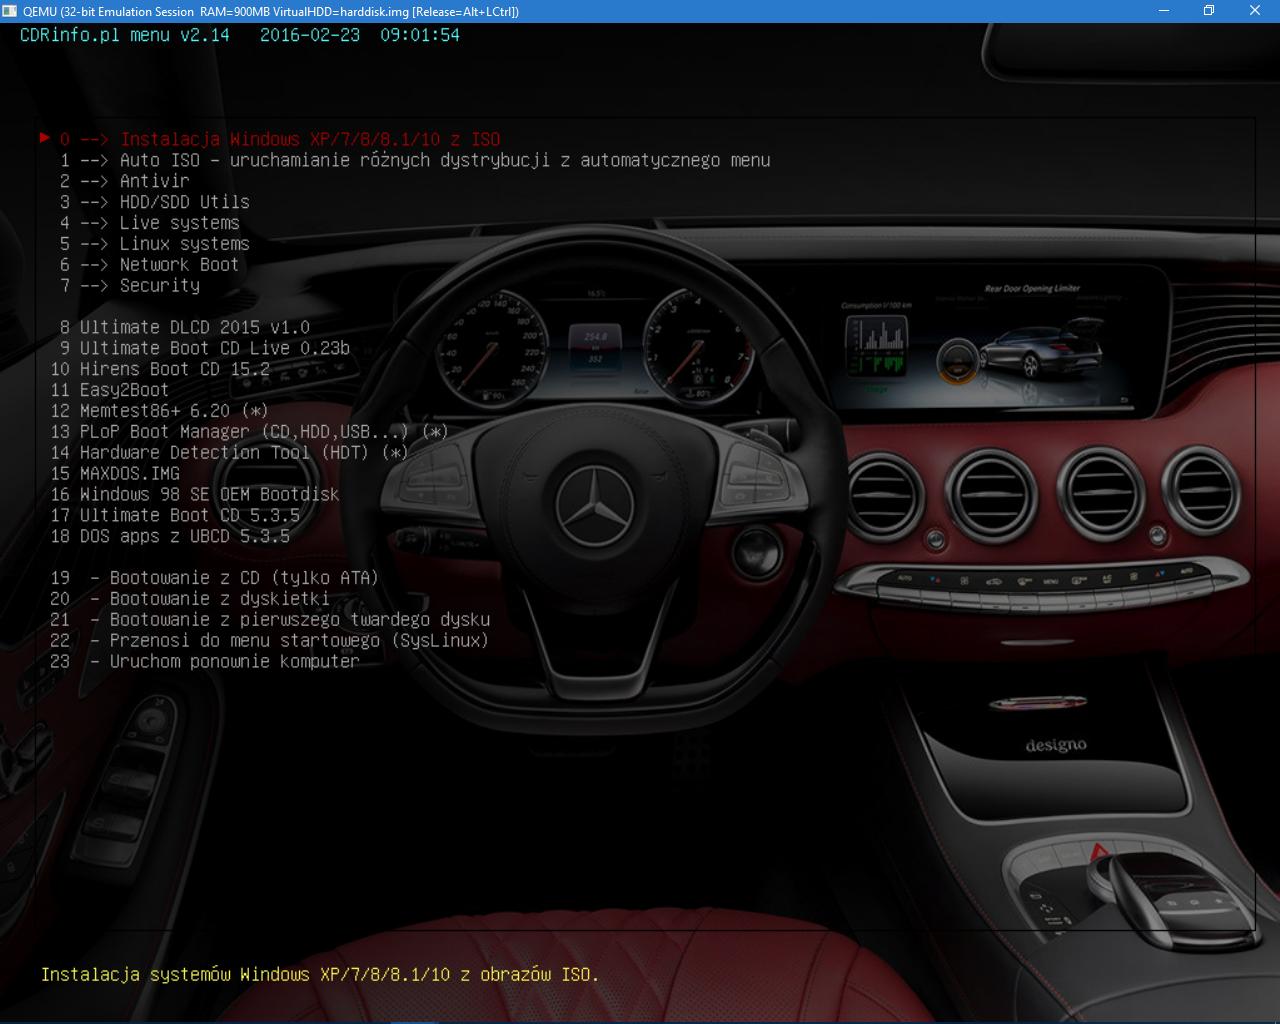 Nazwa:  Zrzut ekranu (15).png,  obejrzany:  195 razy,  rozmiar:  867.2 KB.